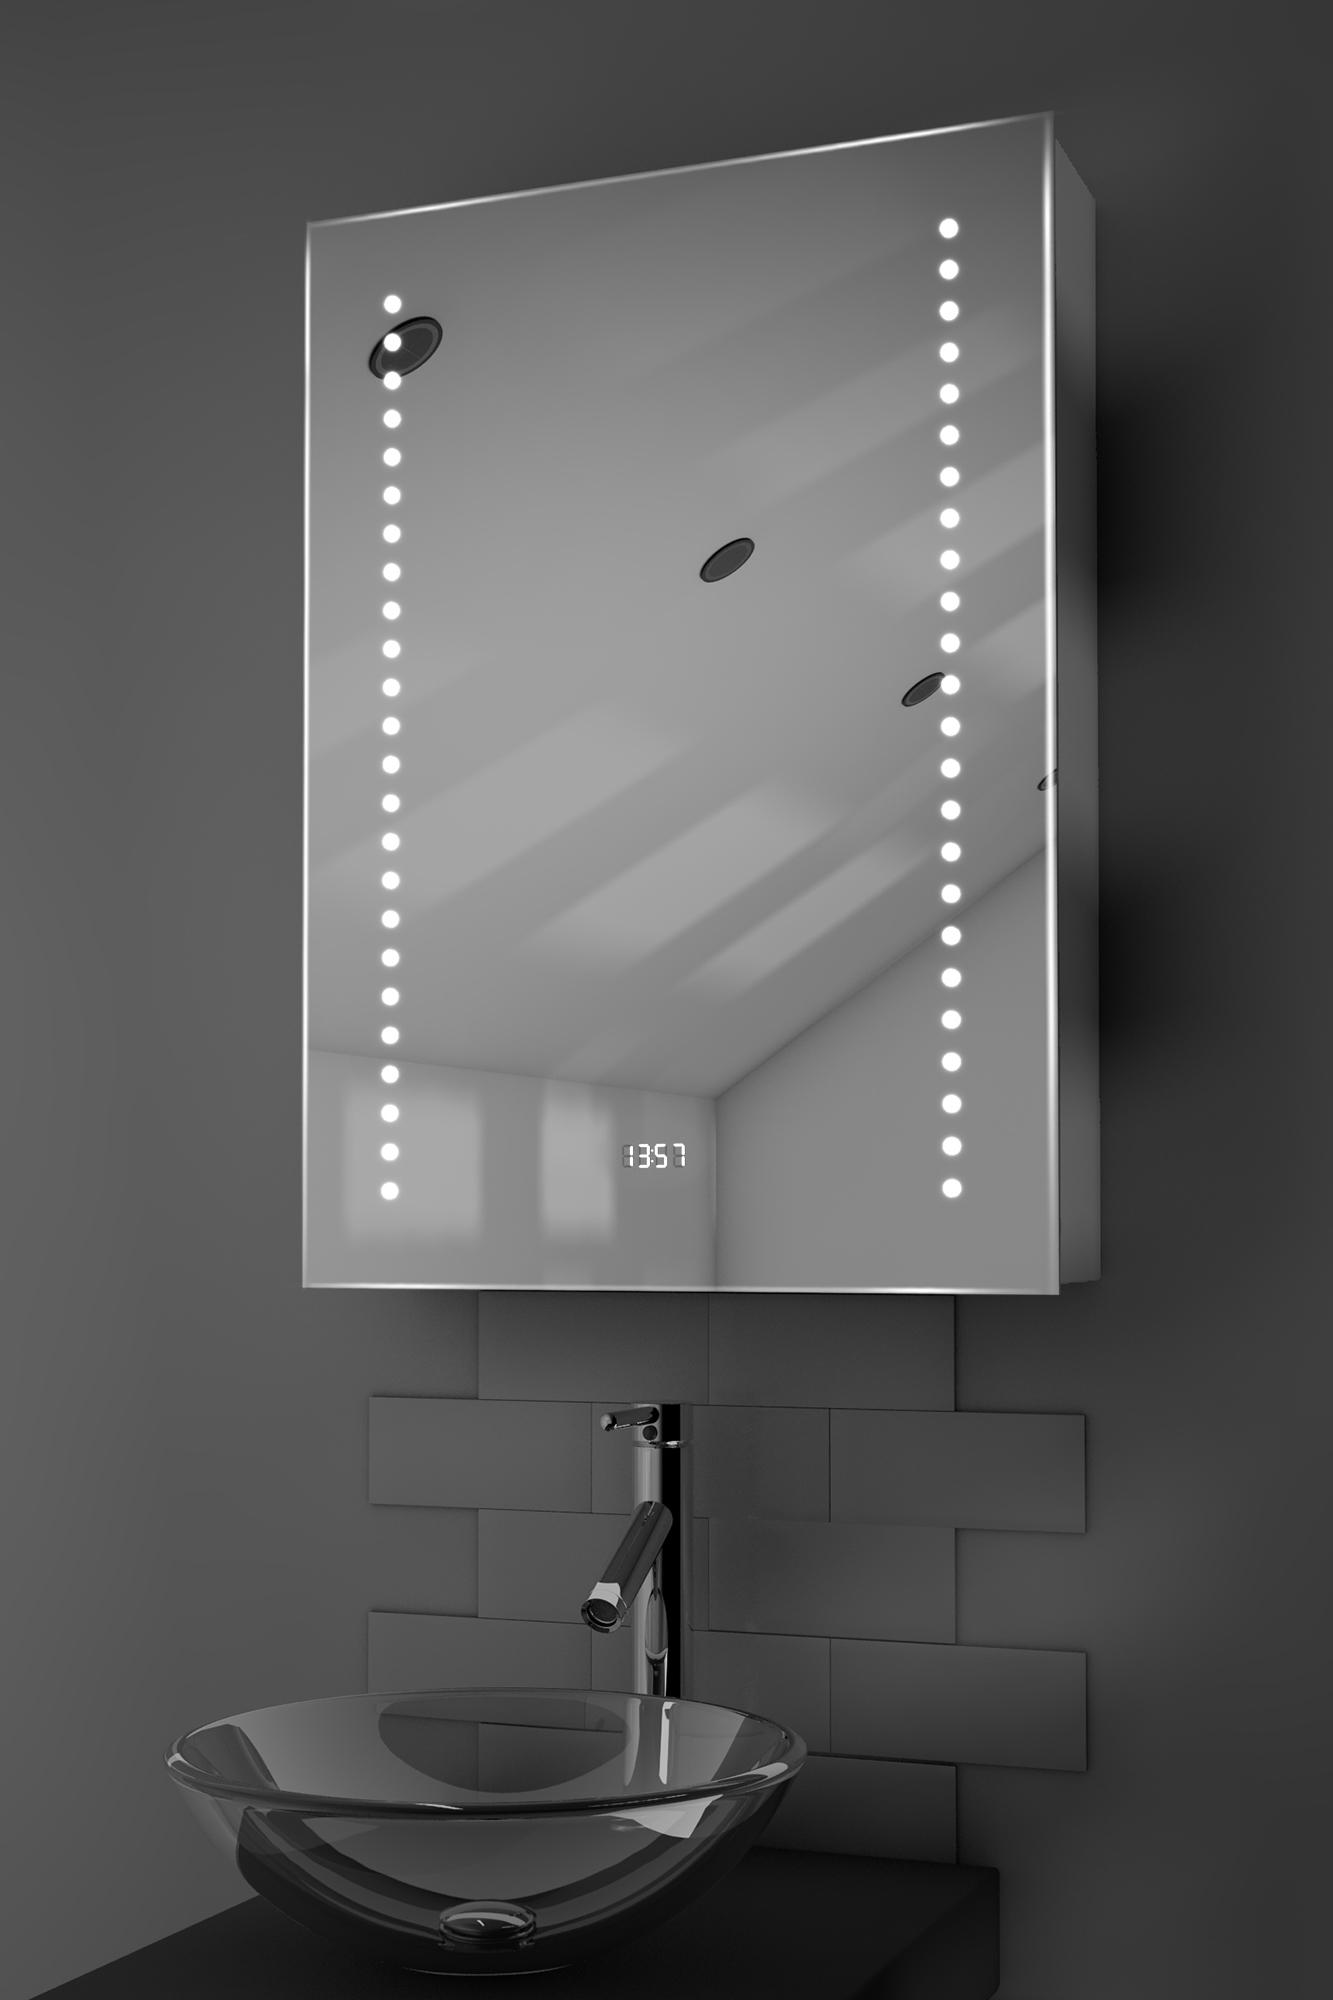 Ghita Clock Led Bathroom Cabinet With Demister Pad Sensor Shaver K387